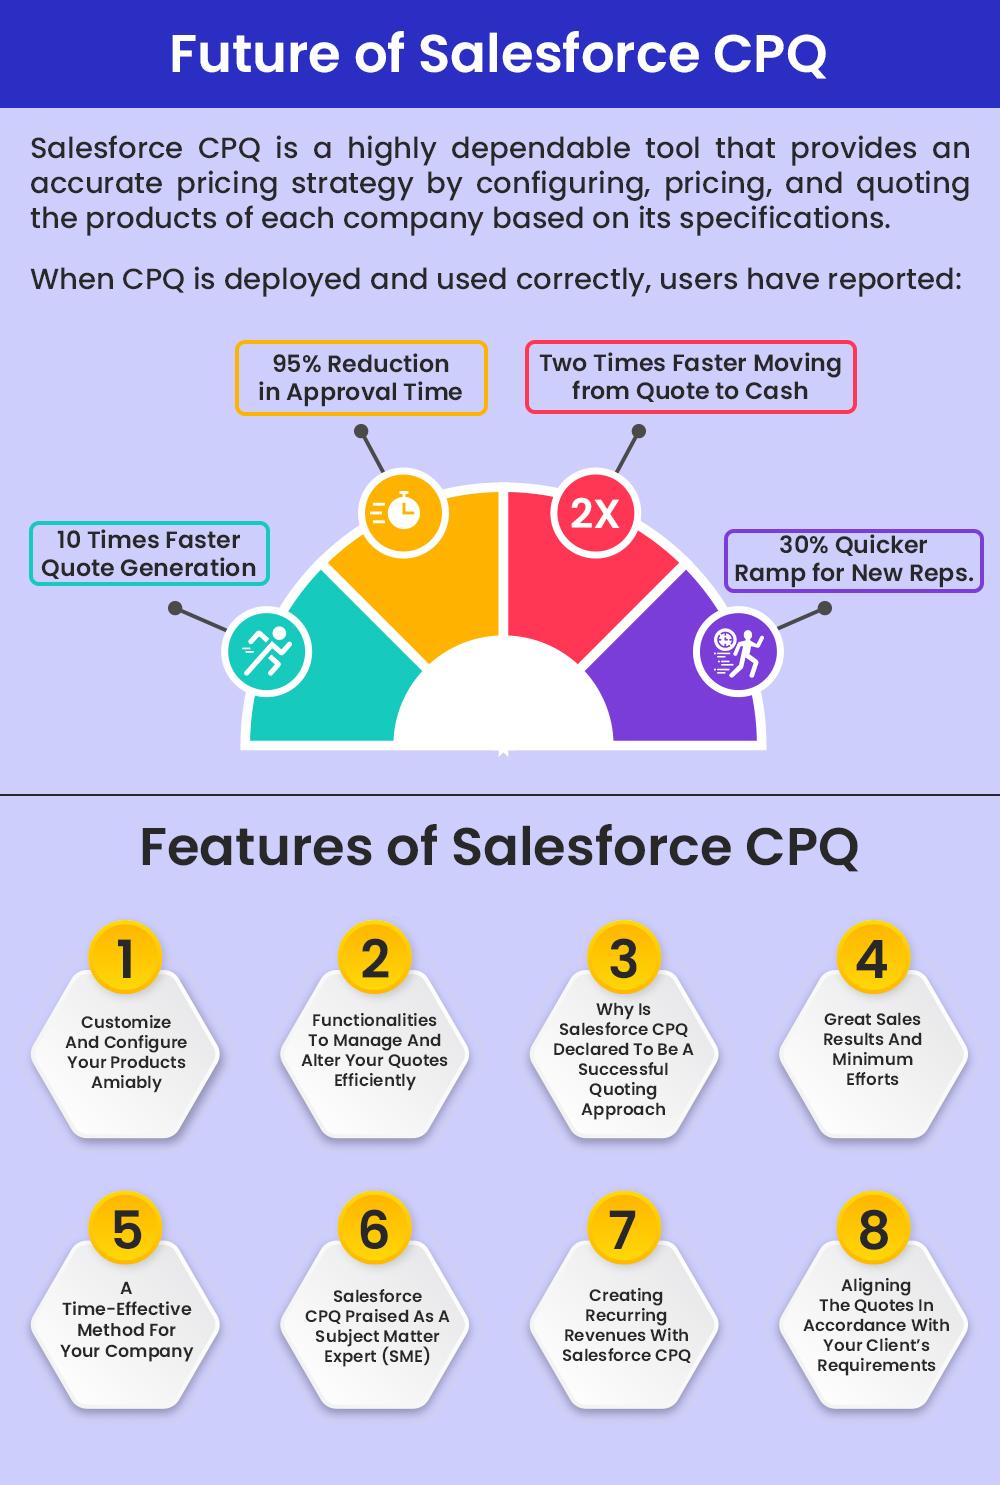 Future of Salesforce CPQ